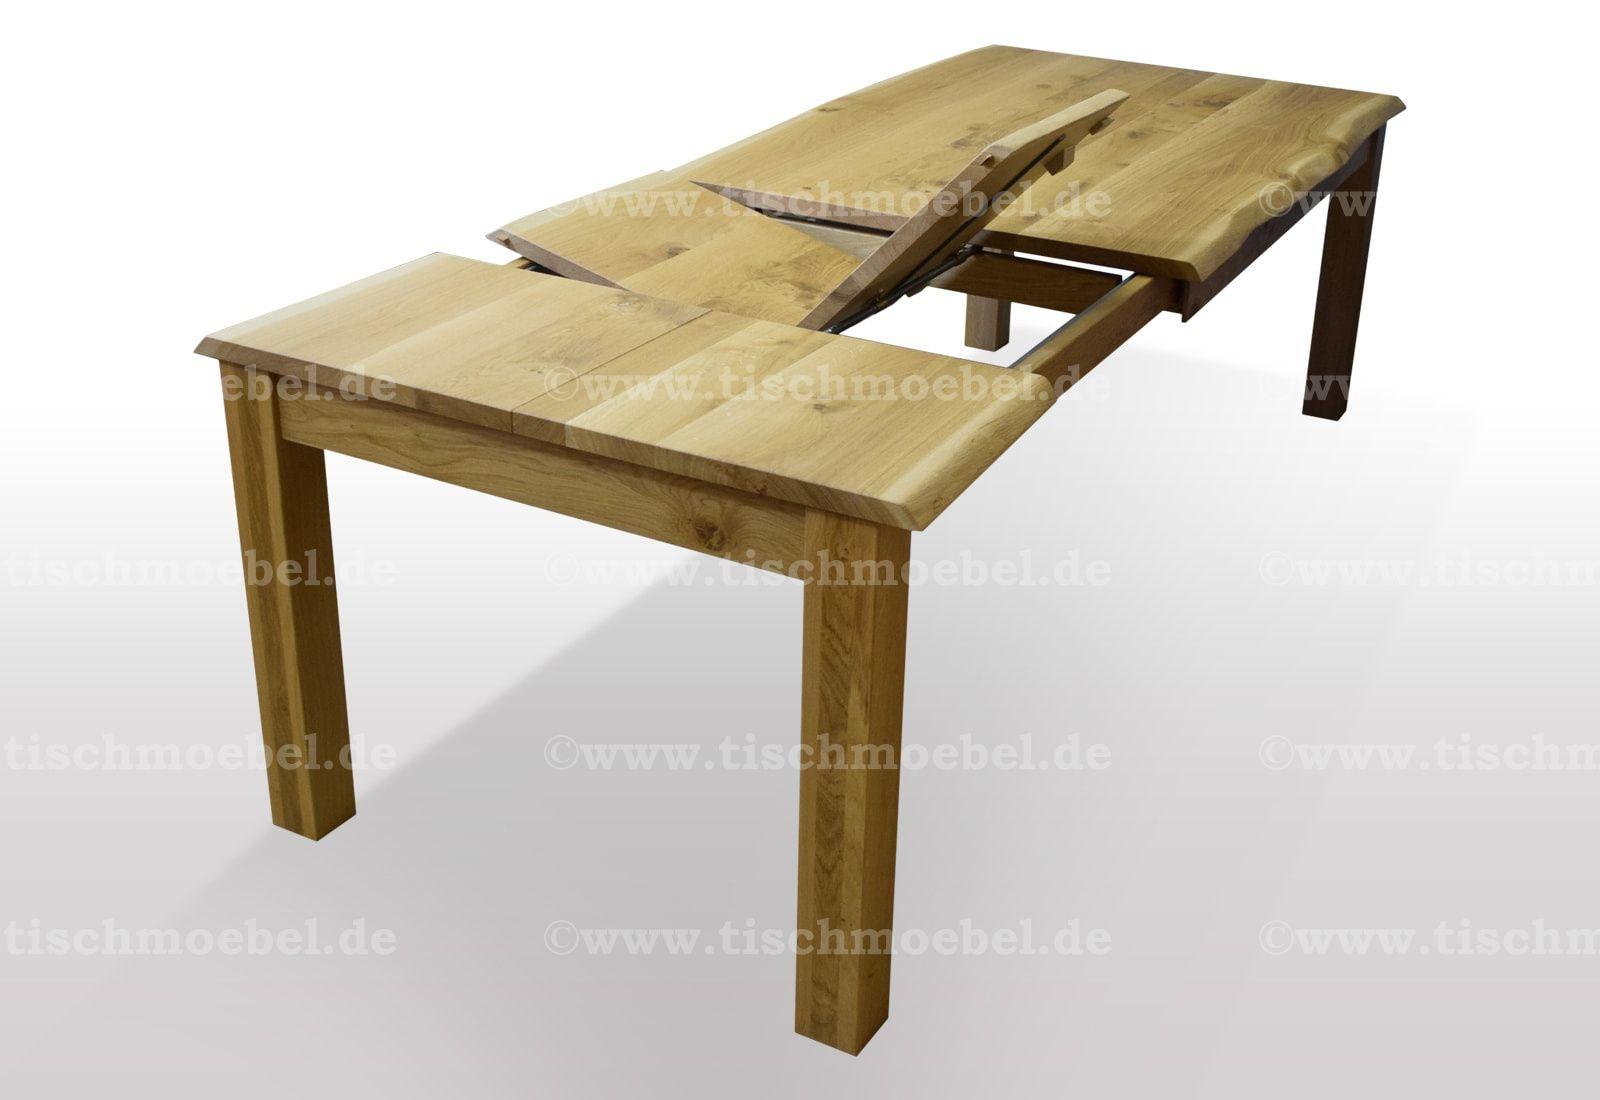 Baumtisch mit Kopfkulissenauszug und Butterfly Klappeinlagen